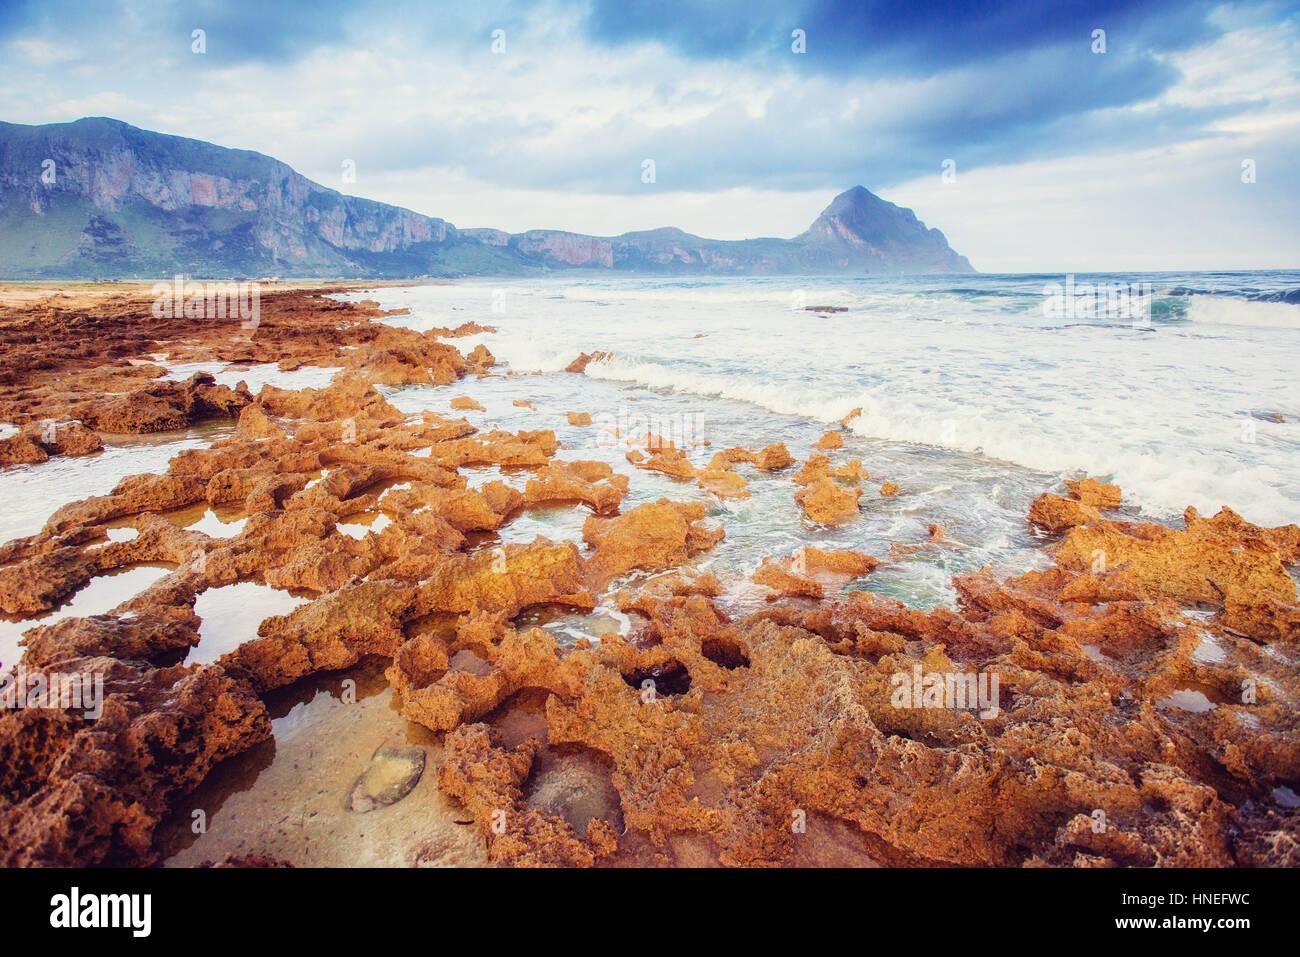 La molla panorama della costa del mare città Trapany. Sicilia, Italia, Europa Immagini Stock